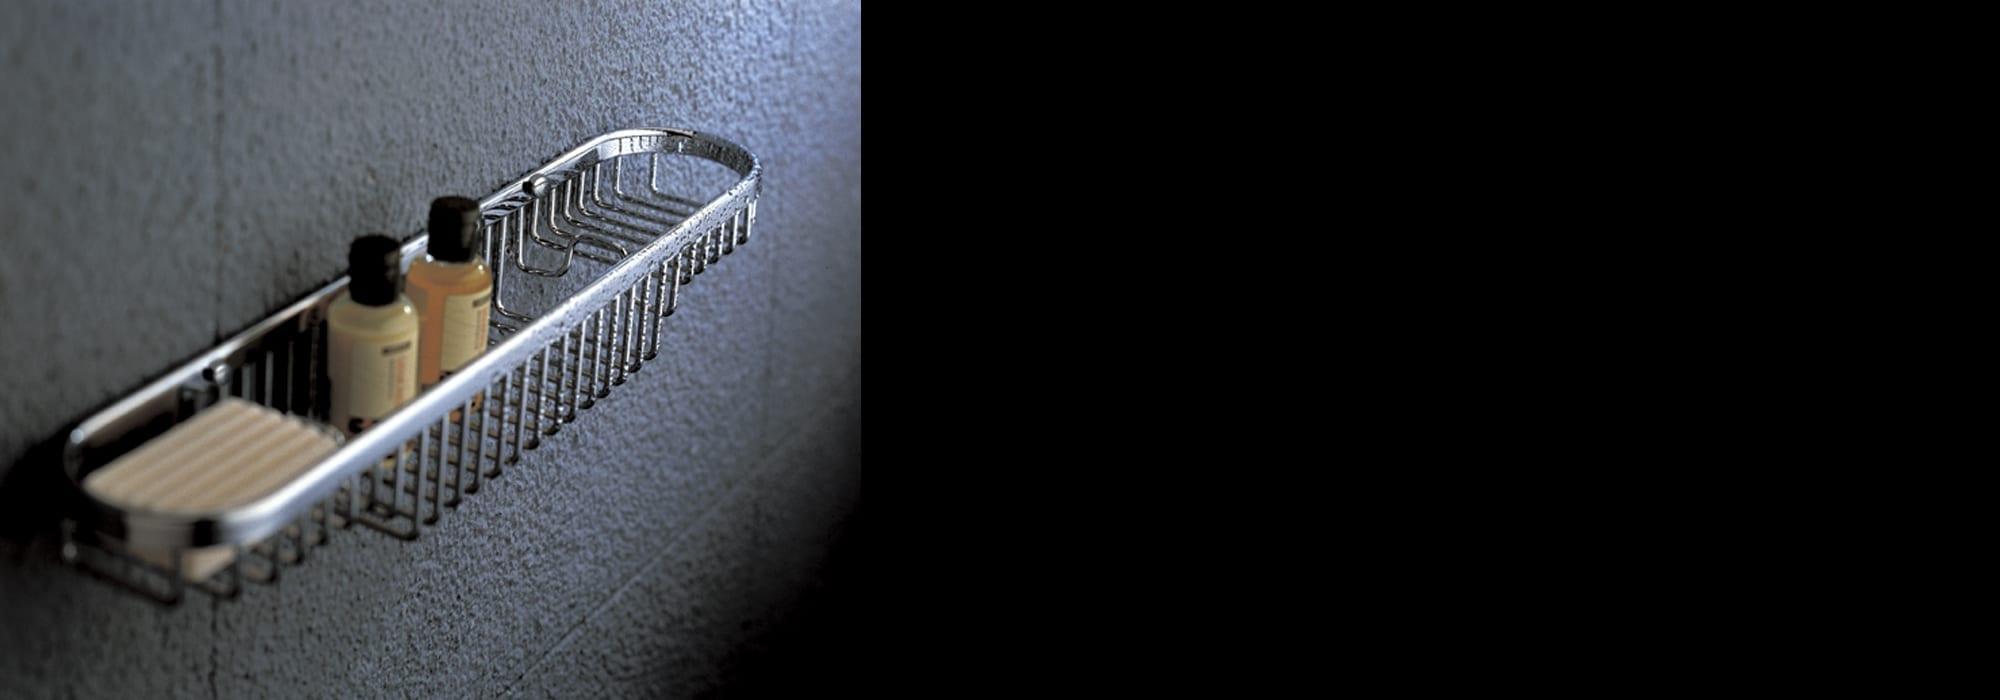 אביזר אמבטיה סל מתכת פליז דגם 602 by Milstone